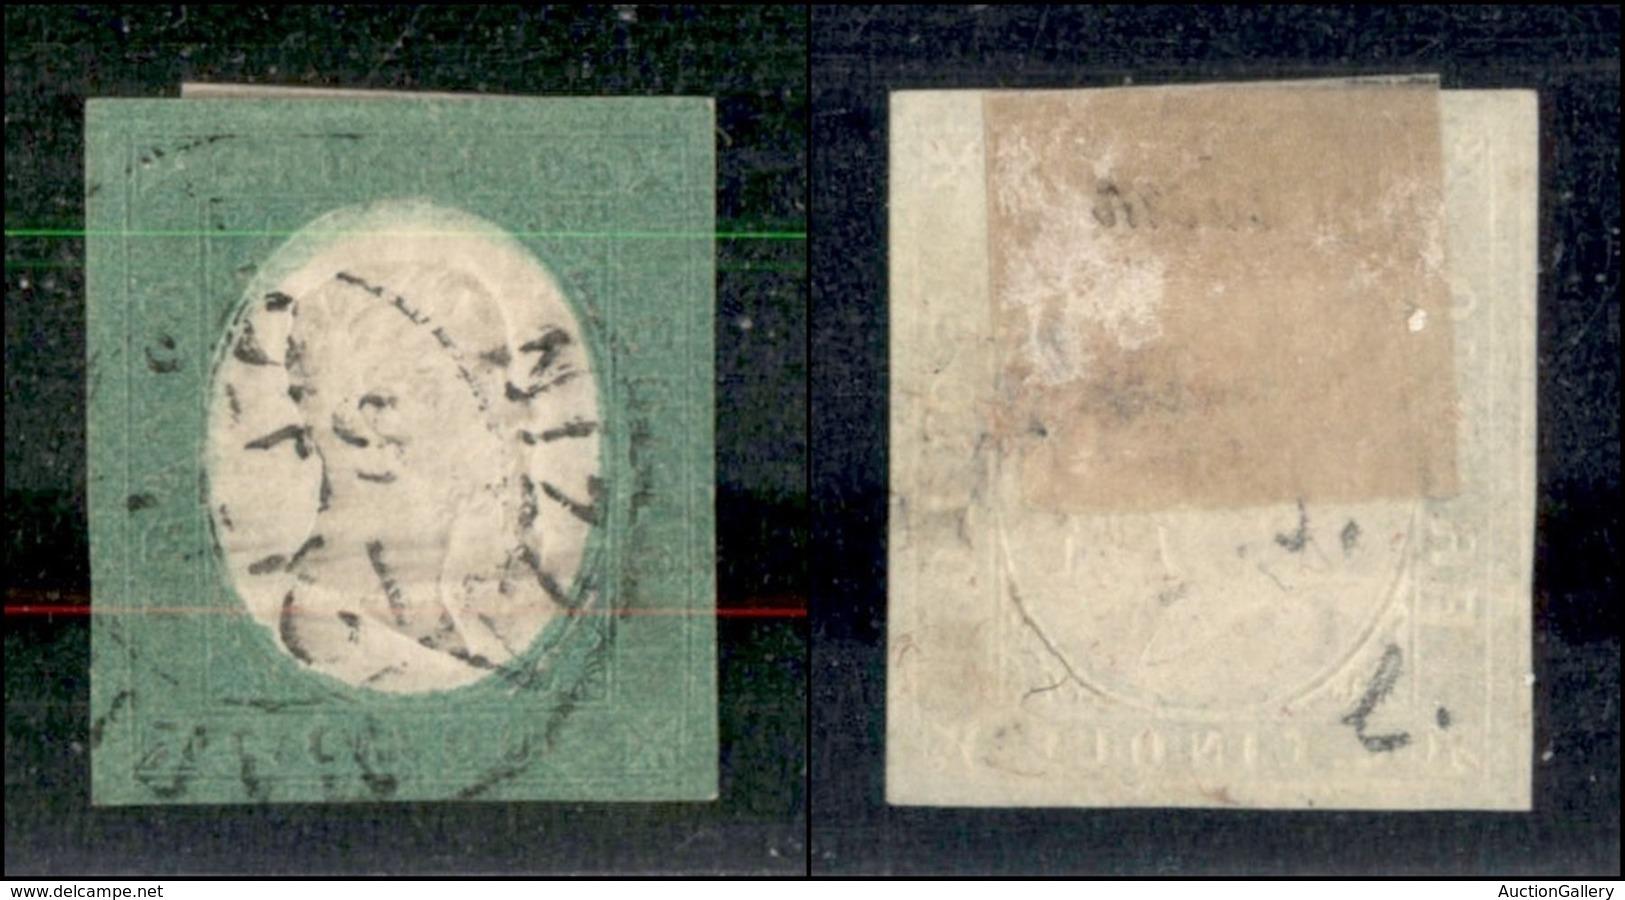 ANTICHI STATI ITALIANI - SARDEGNA - 1854 - 5 Cent (7) Usato A Nizza - Margini Precisi - Appena Stretto In Basso (1.200) - Sin Clasificación